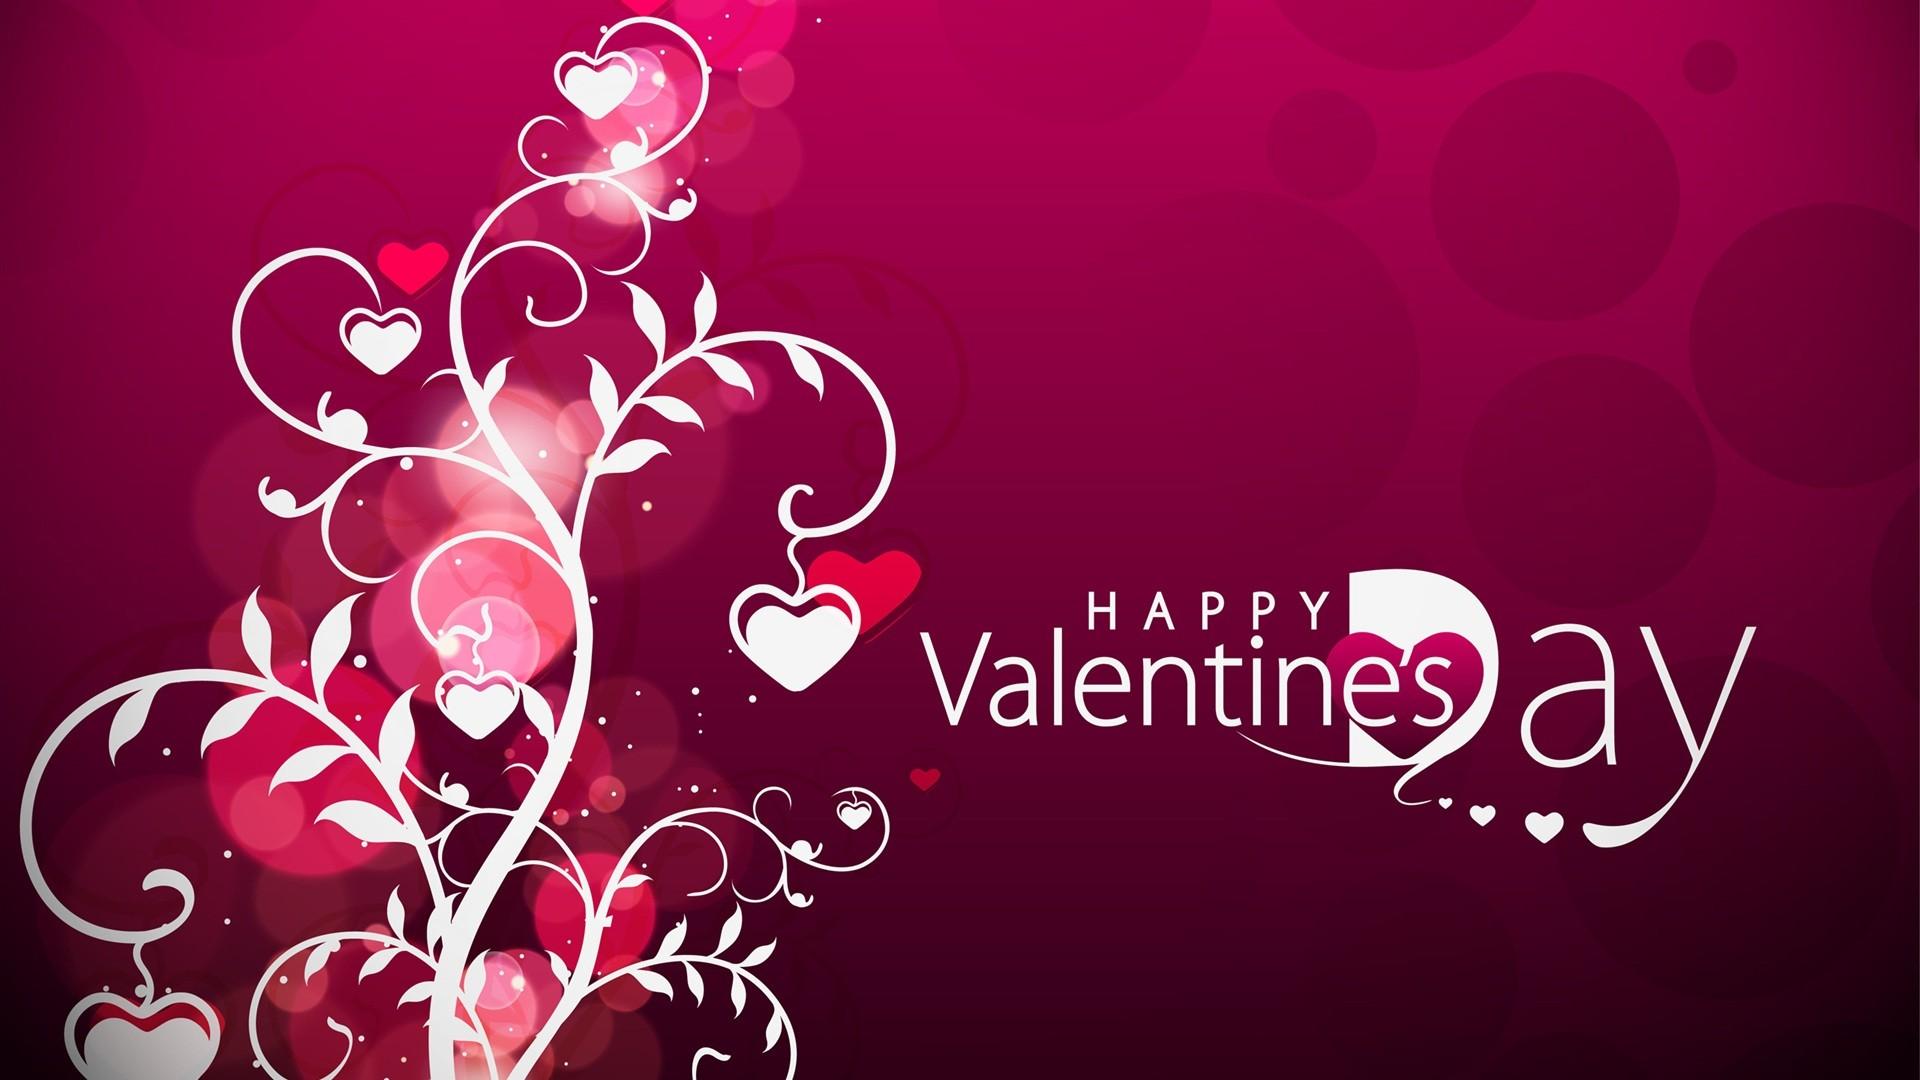 Awsome Valentines Heart Wallpaper 90 Magazine 1920x1080